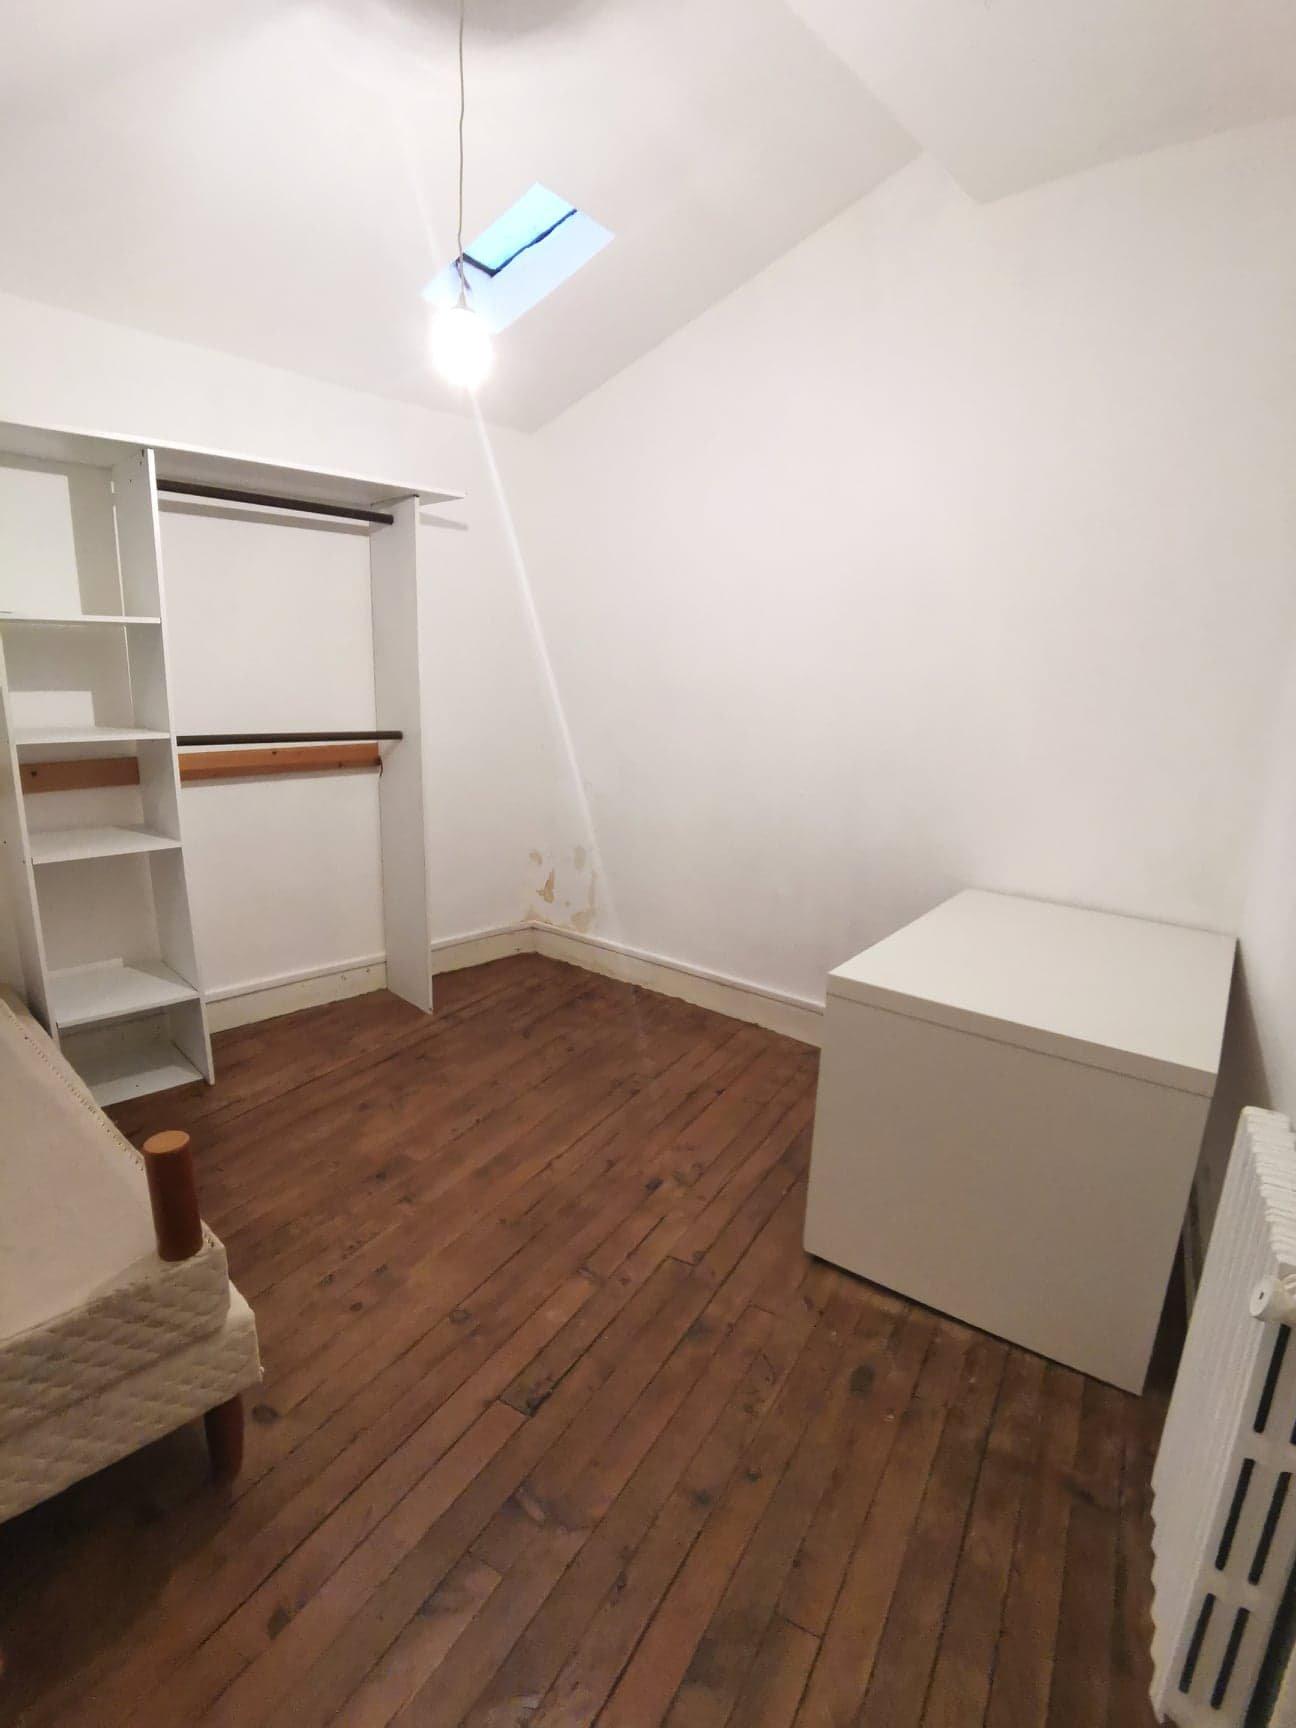 Maison de ville T4 de 119 m²